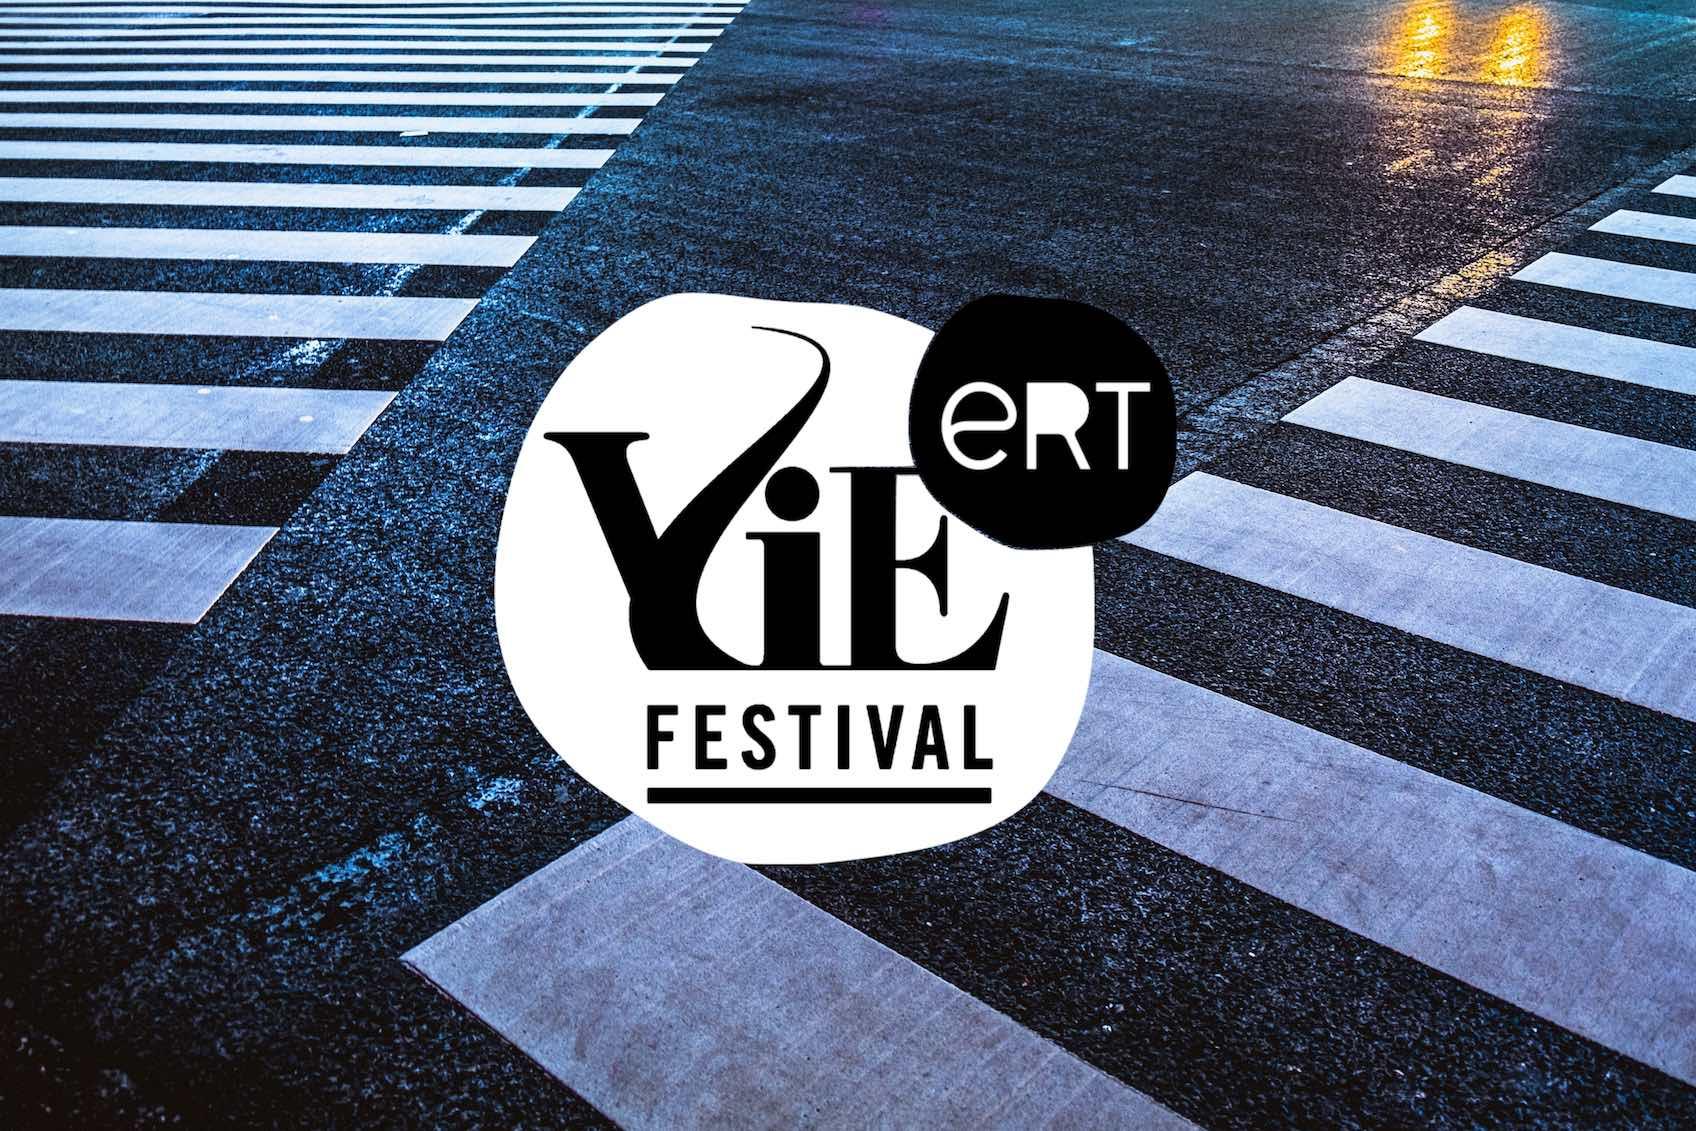 Tutti a bordo si parte per il VIE Festival! Navette da Modena